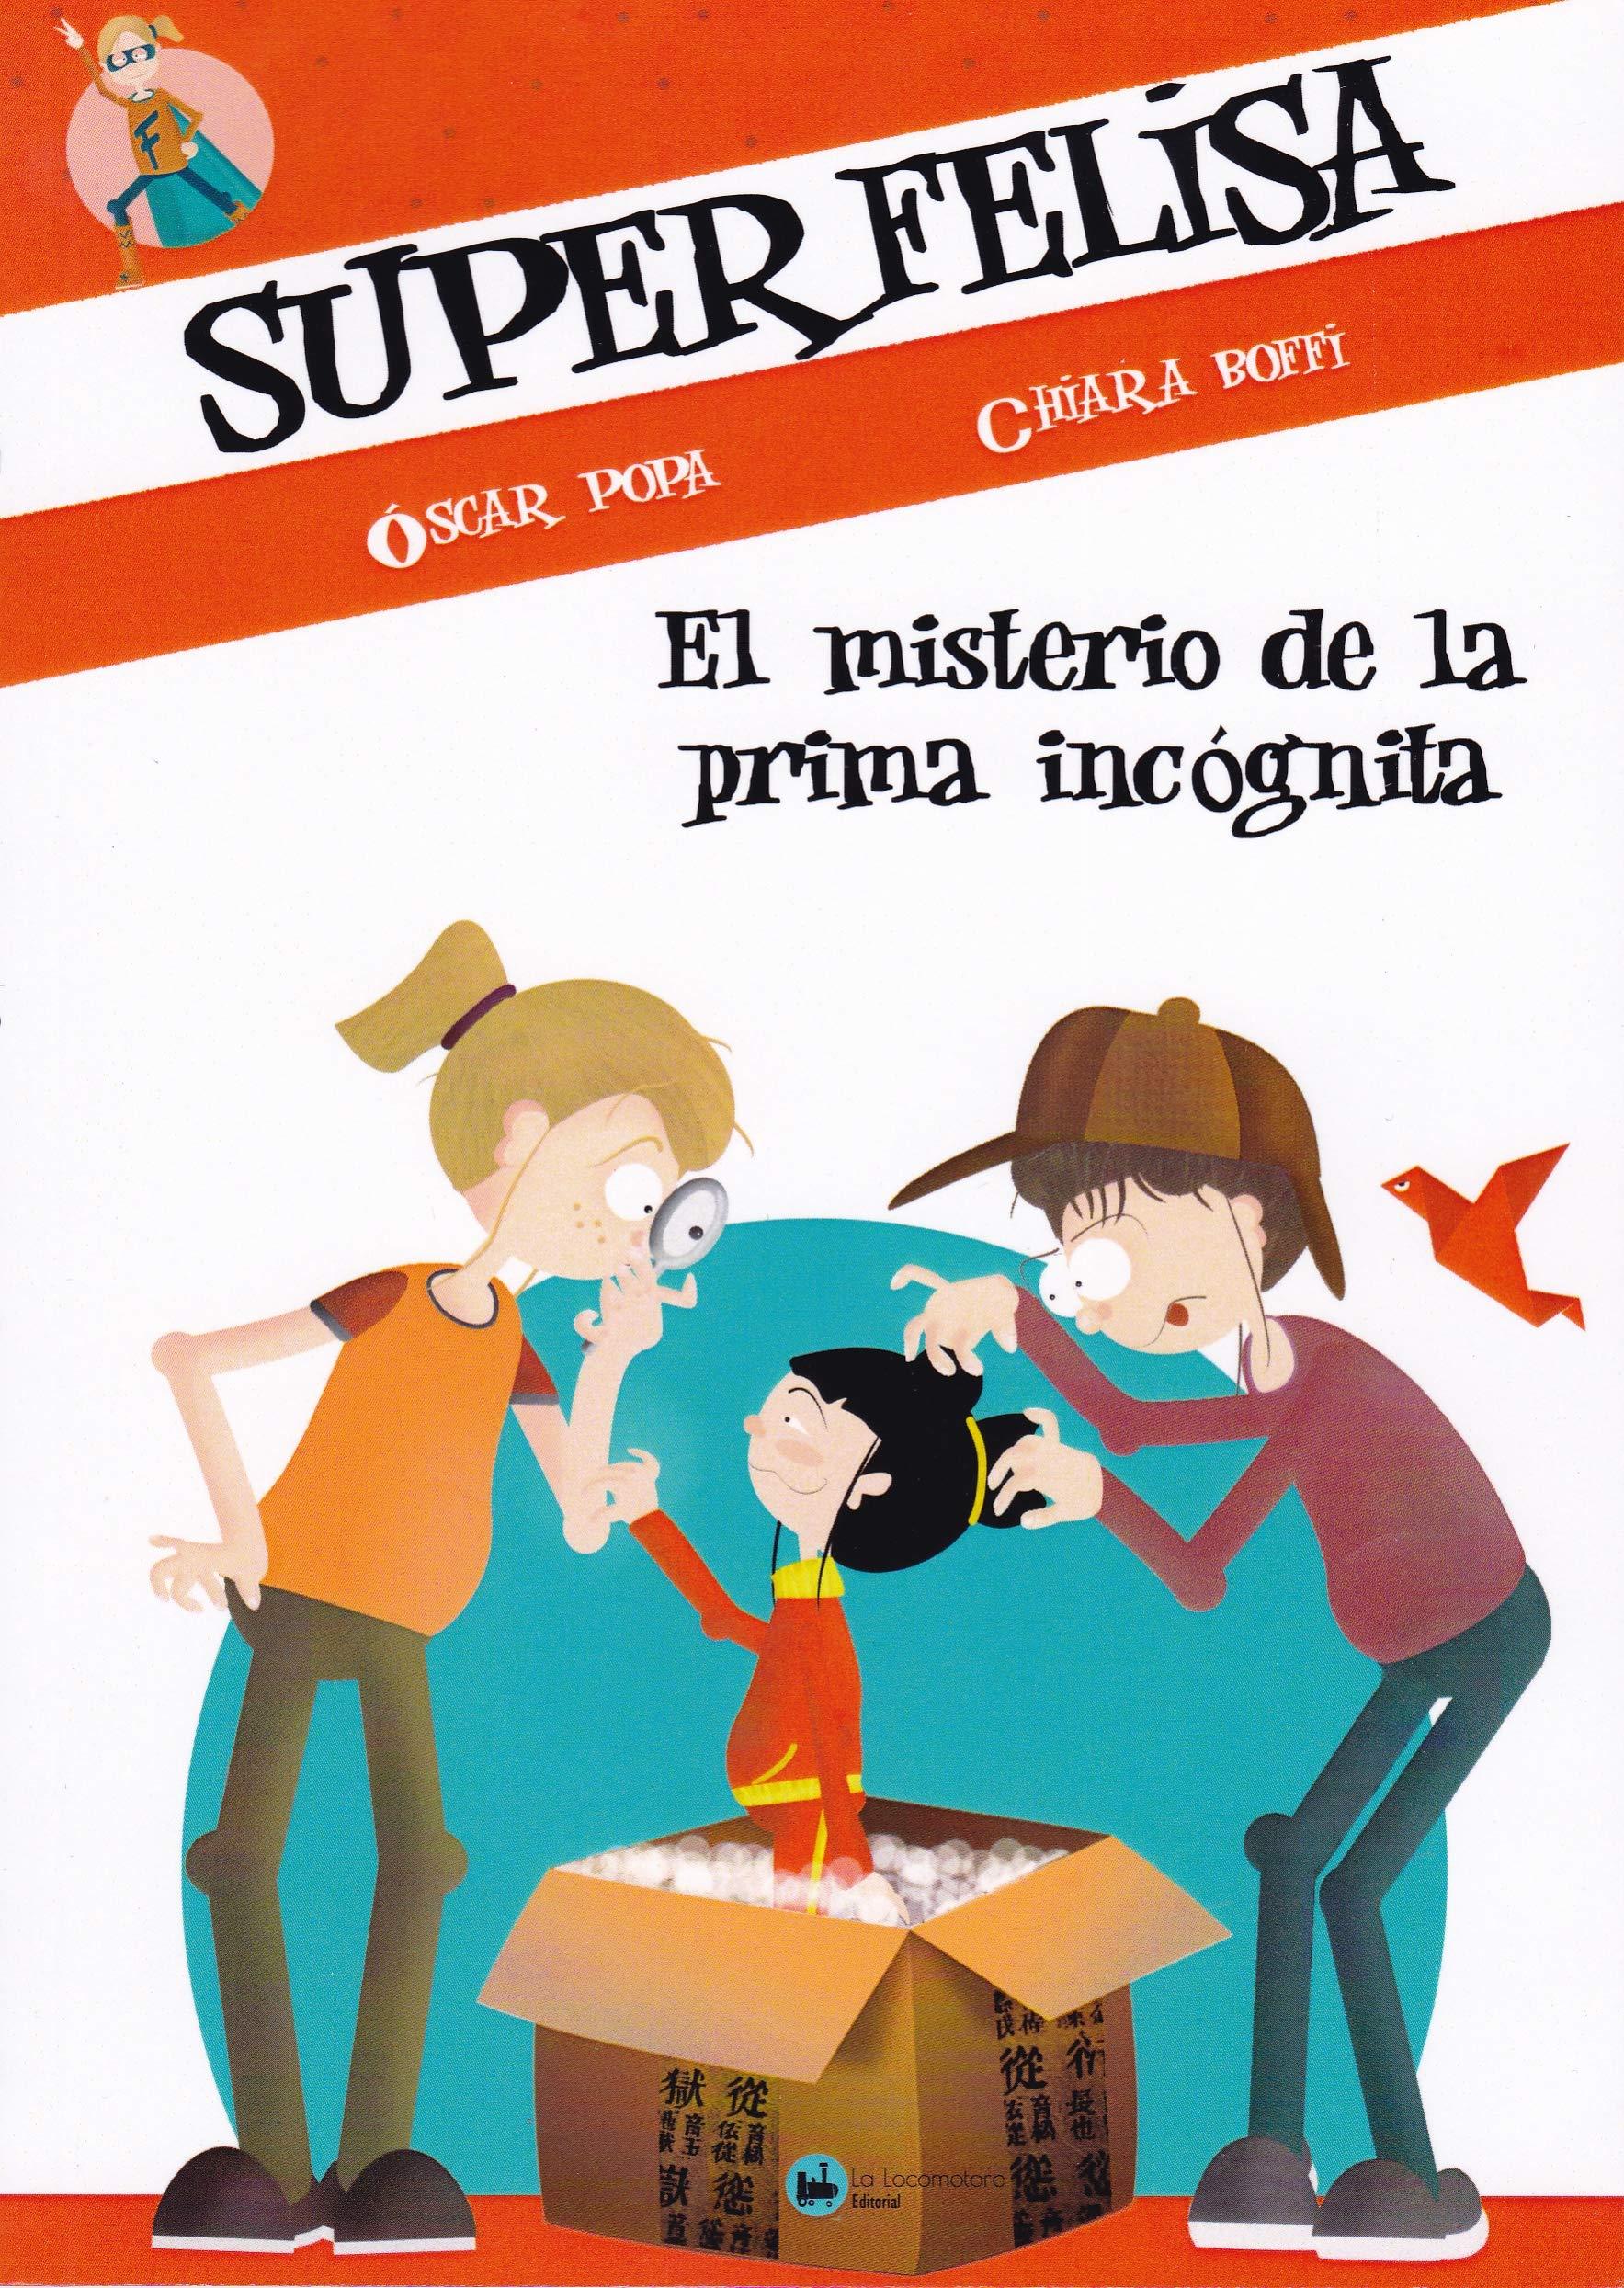 SUPERFELISA Y EL MISTERIO DE LA PRIMA INCÓGNITA: Amazon.es: OSCAR POPA, LA LOCOMOTORA EDITORIAL, CHIARA BOFFI: Libros